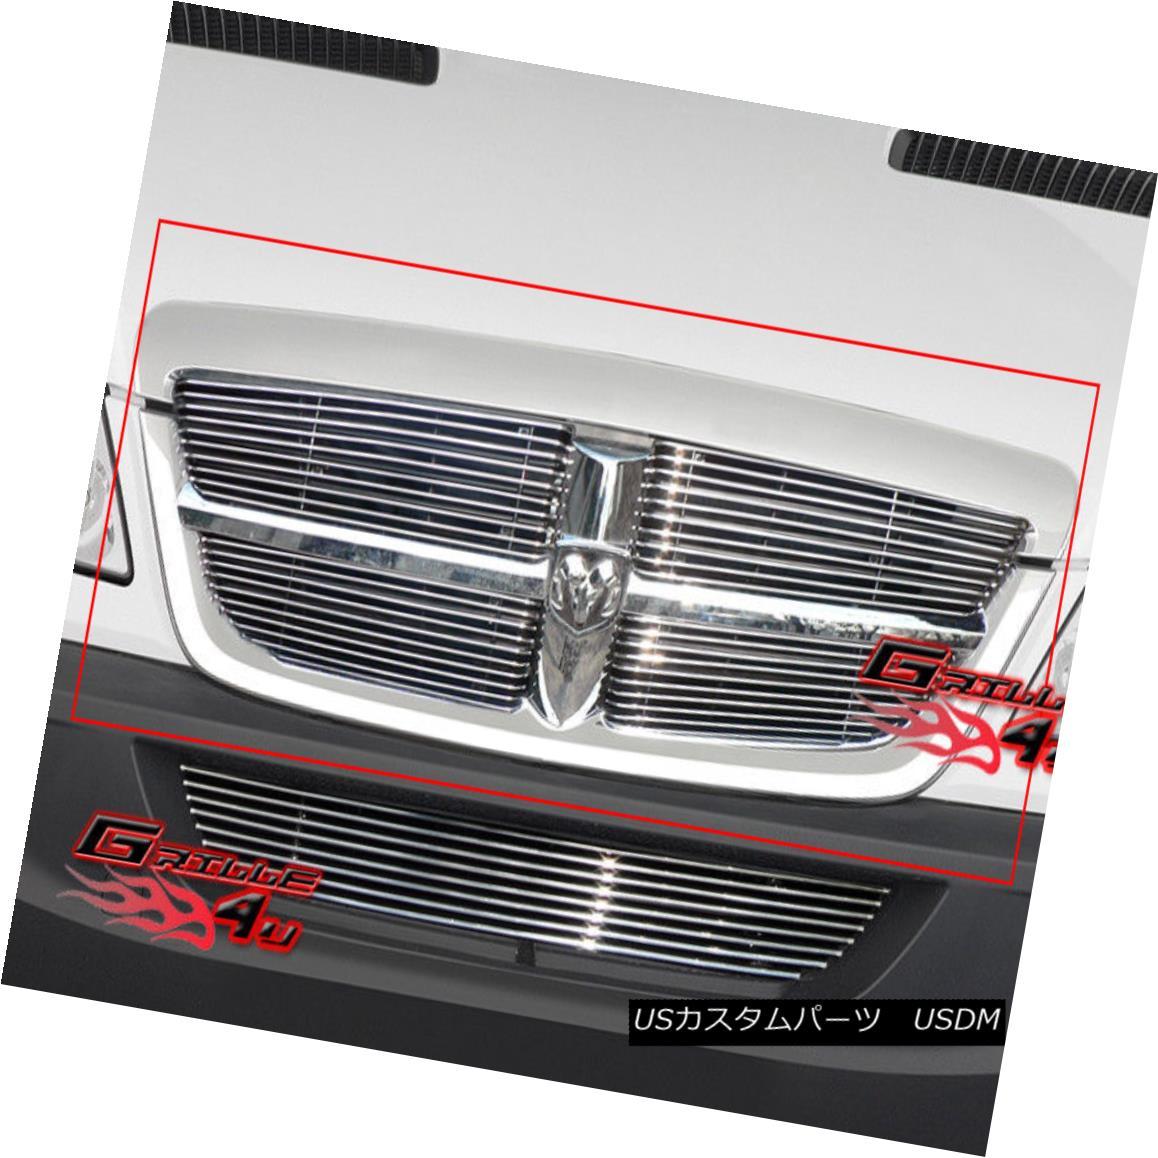 グリル Fits 07-10 Dodge Sprinter Main Upper Billet Grille Insert フィット07-10ダッジスプリンターメインアッパービレットグリルインサート